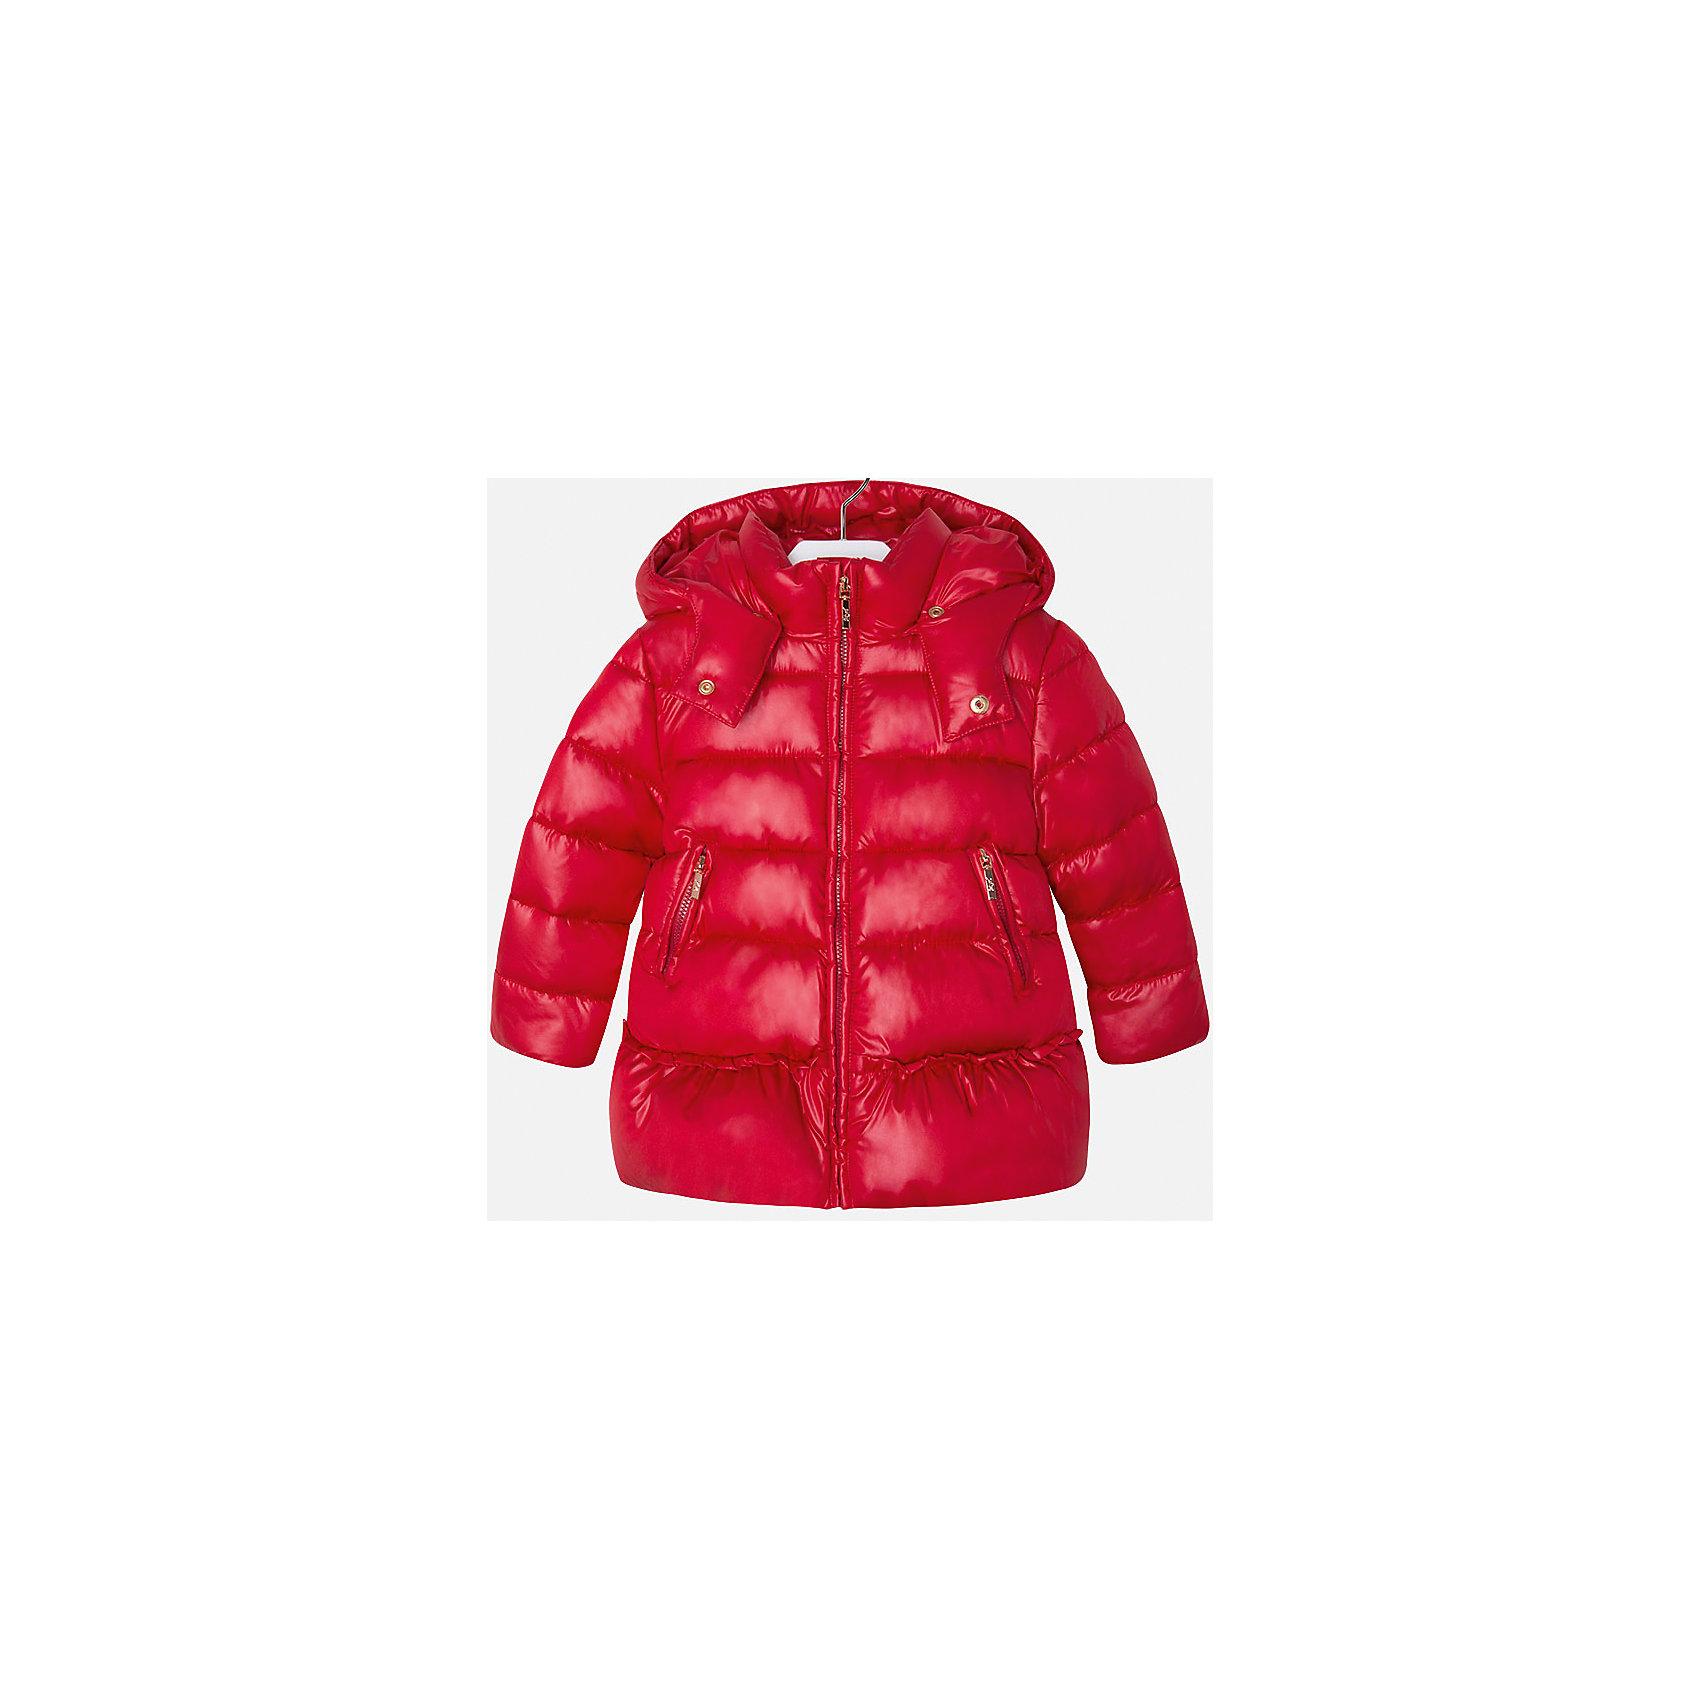 Куртка для девочки MayoralКуртка для девочки торговой марки    Майорал -Mayoral. Куртка на велюровой подкладке по утепленности - средняя. Застегивается на замок-молнию. Воротник-стойка, отстегивающийся капюшон, два врезных кармана на молниях. Рукава и низ куртки ни трикотажном манжете.<br><br>Дополнительная информация: <br><br>- цвет: бордово-алый<br>- состав: полиэстер: 100%, подкладка: 50% хлопка; 50% полиэстера<br>- длина рукава: длинные<br>- фактура материала: меховой<br>- вид застежки: кнопки<br>- длина изделия: по спинке: 46 см<br>- покрой: прямой<br>- утеплитель: синтепон<br>- тип карманов: без карманов<br>- уход за вещами: бережная стирка при 30 градусах<br>- рисунок: без рисунка<br>- плотность: утеплителя: 0 г/кв.м<br>- назначение: повседневная<br>- характеристика утеплителя: fill power<br>- сезон: осень, зима, весна<br>- пол: девочки<br>- страна бренда: Испания<br>- страна производитель: Марокко<br>- комплектация: куртка<br><br>Куртку торговой марки    Майорал  можно купить в нашем интернет-магазине.<br><br>Ширина мм: 356<br>Глубина мм: 10<br>Высота мм: 245<br>Вес г: 519<br>Цвет: красный<br>Возраст от месяцев: 48<br>Возраст до месяцев: 60<br>Пол: Женский<br>Возраст: Детский<br>Размер: 110,122,128,104,98,134,116<br>SKU: 4845935